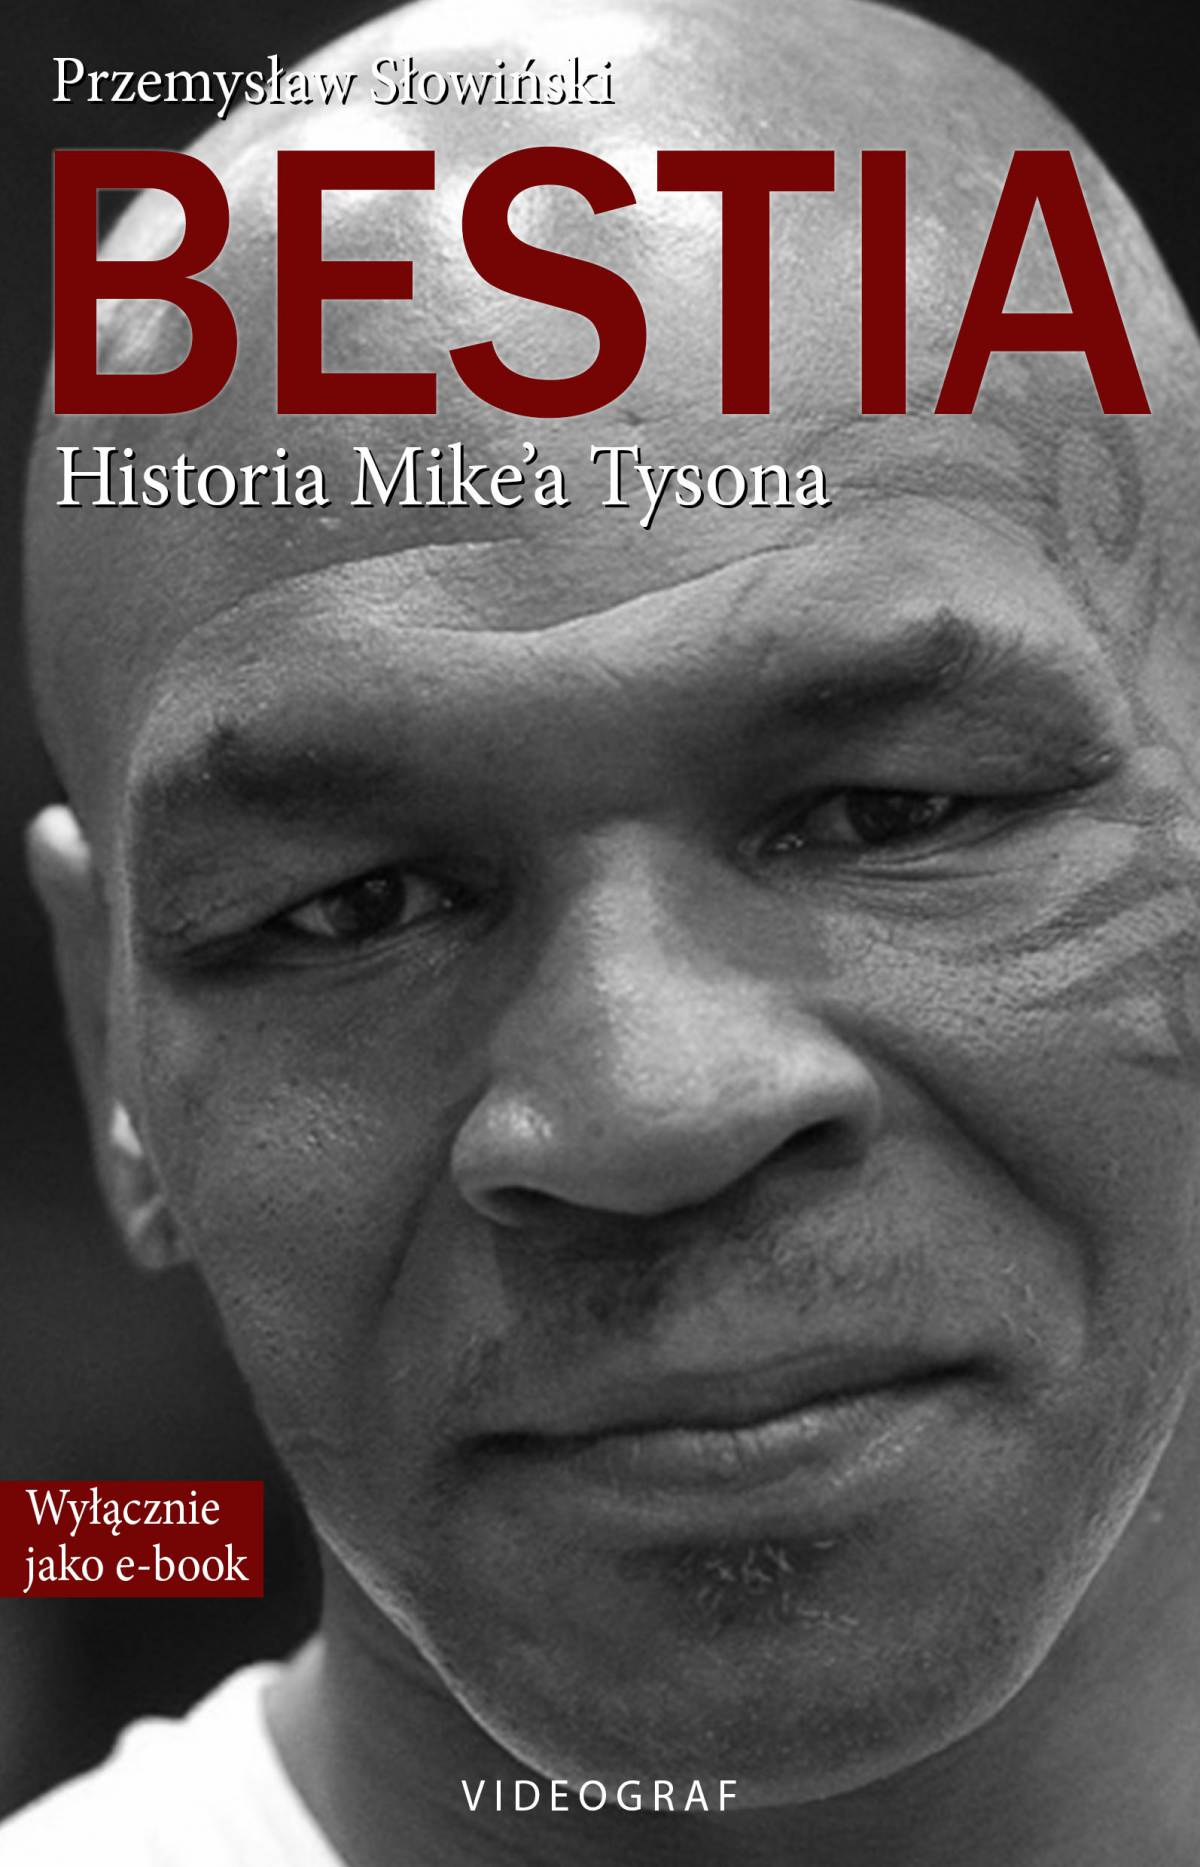 Bestia. Historia Mike'a Tysona - Ebook (Książka na Kindle) do pobrania w formacie MOBI